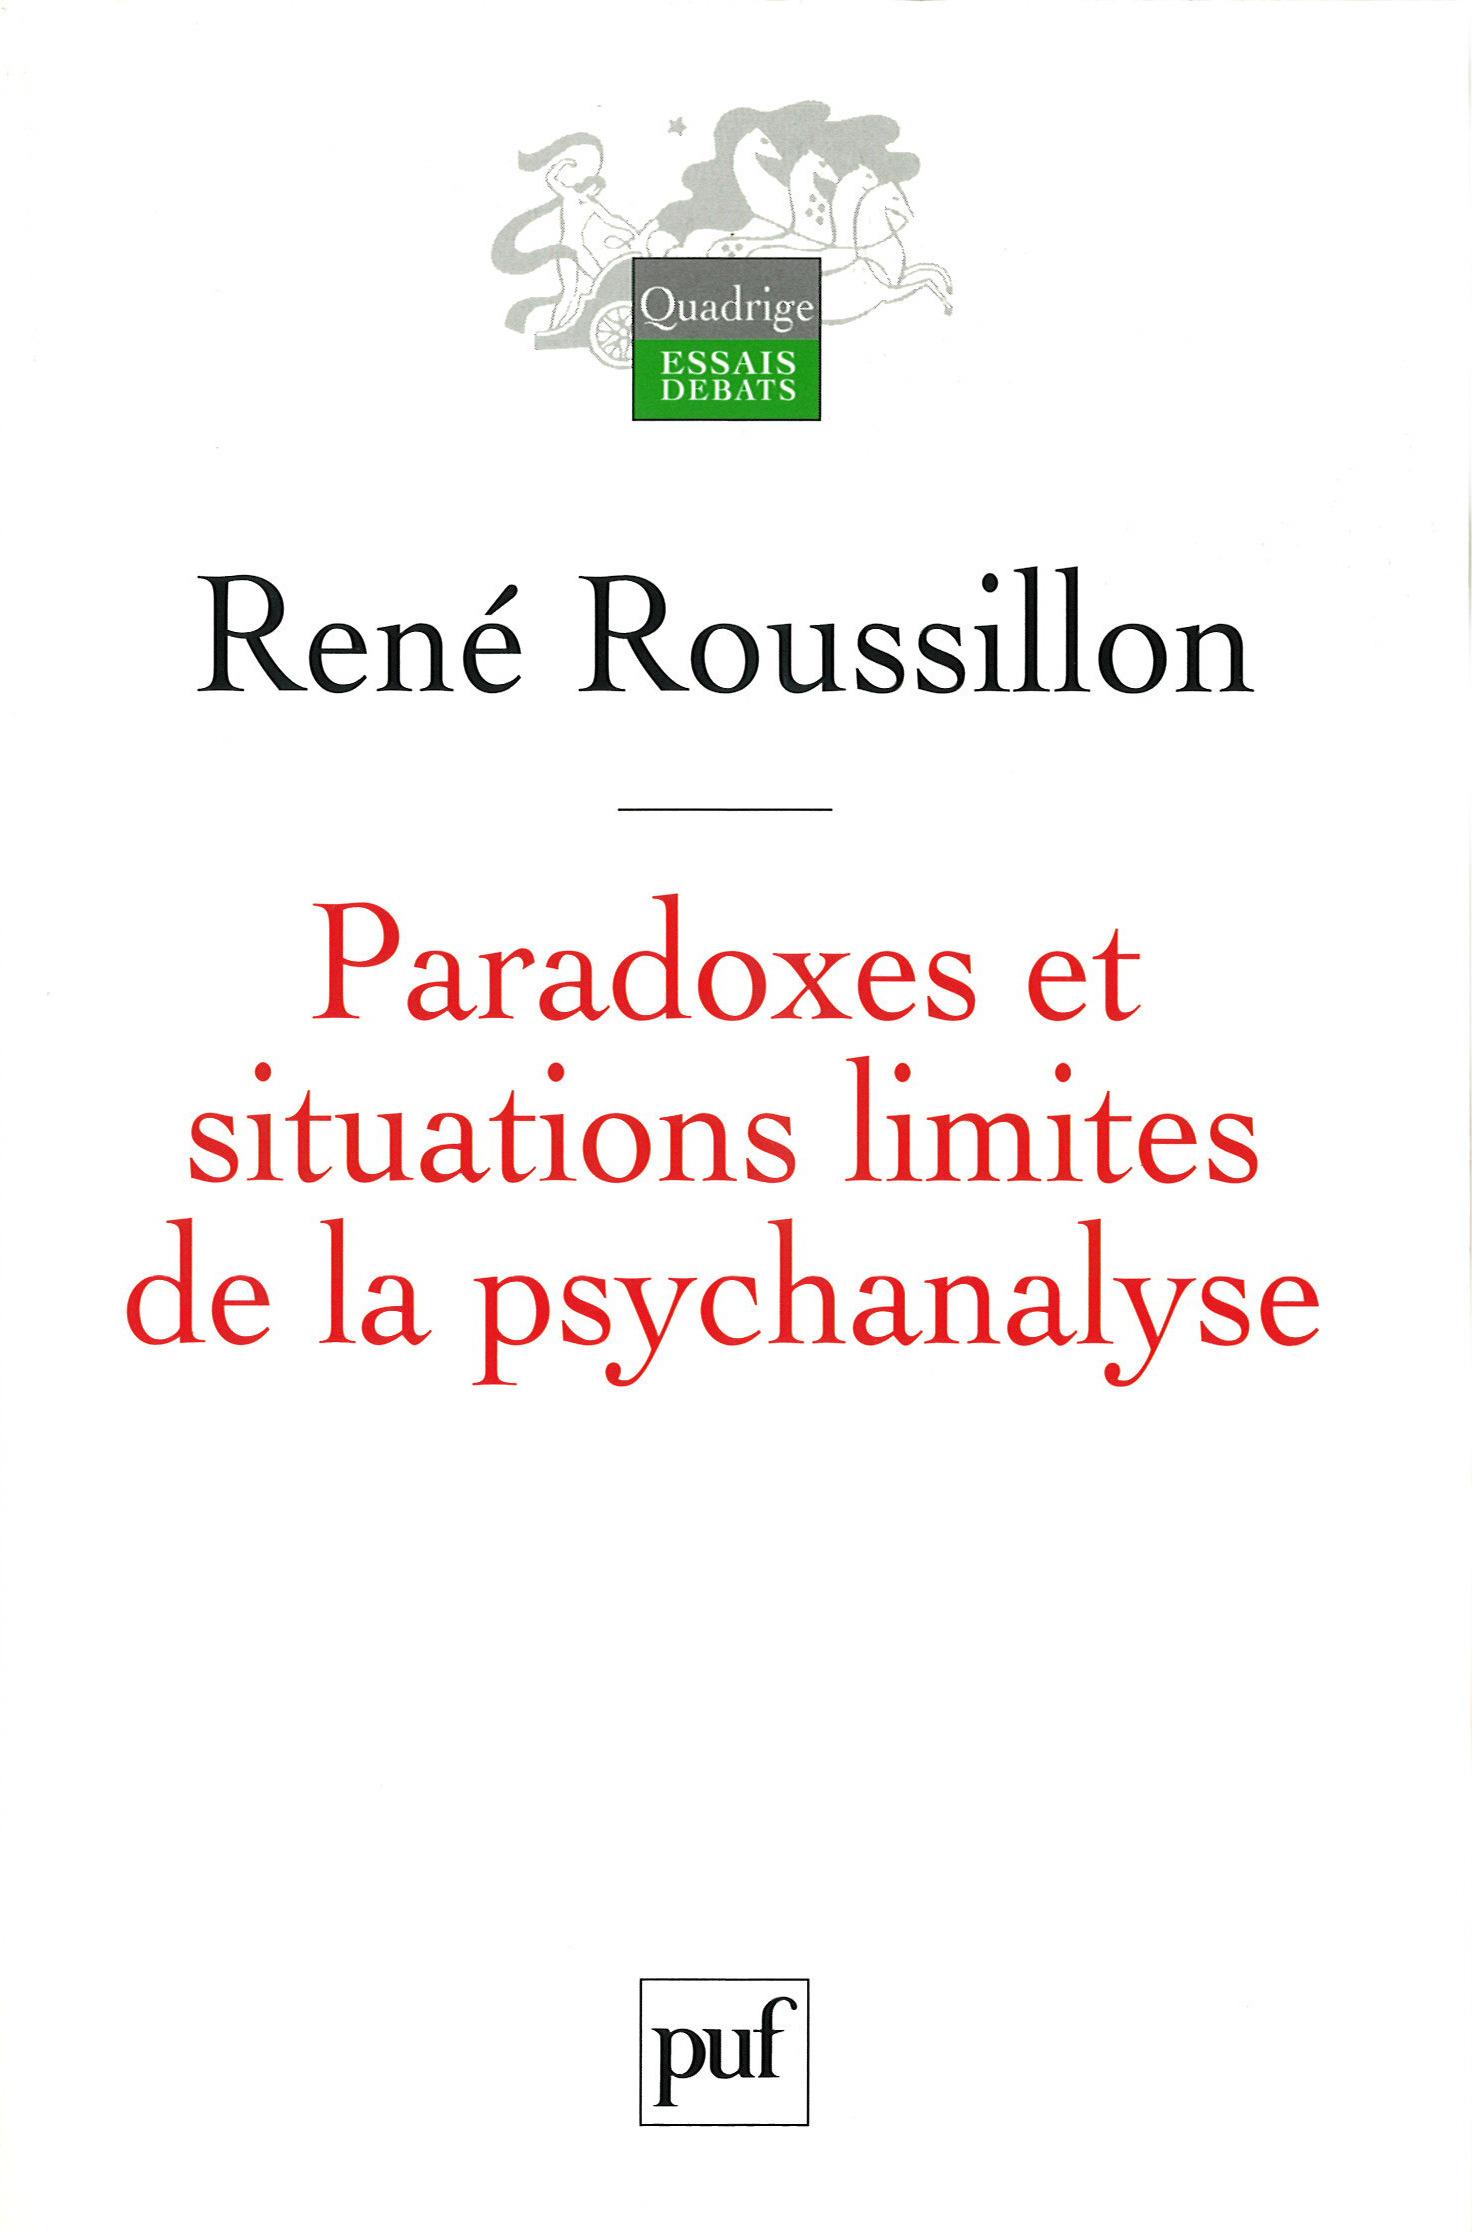 René Roussillon Paradoxes et situations limites de la psychanalyse